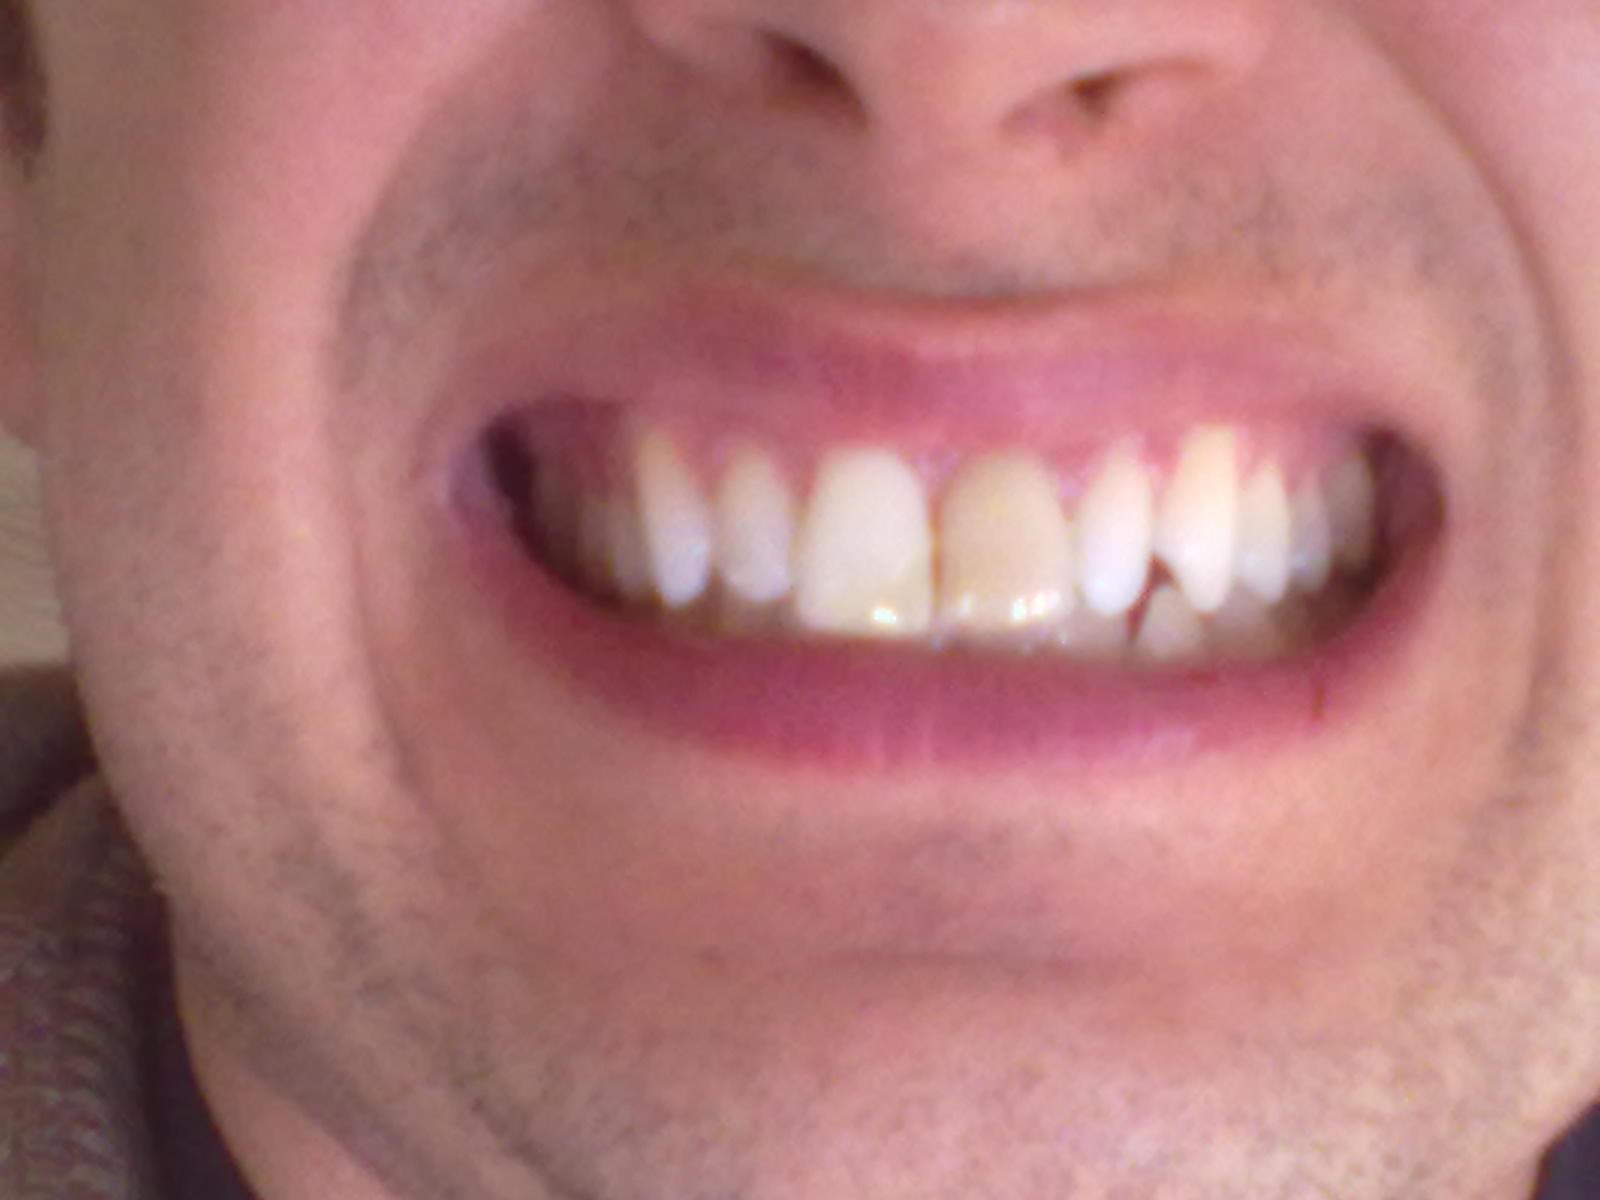 SEGUITO ALLA DOMANDA: Che soluzione posso adottare nel ricostruire il dente ancora vitale e sbiancare quello necrotico?